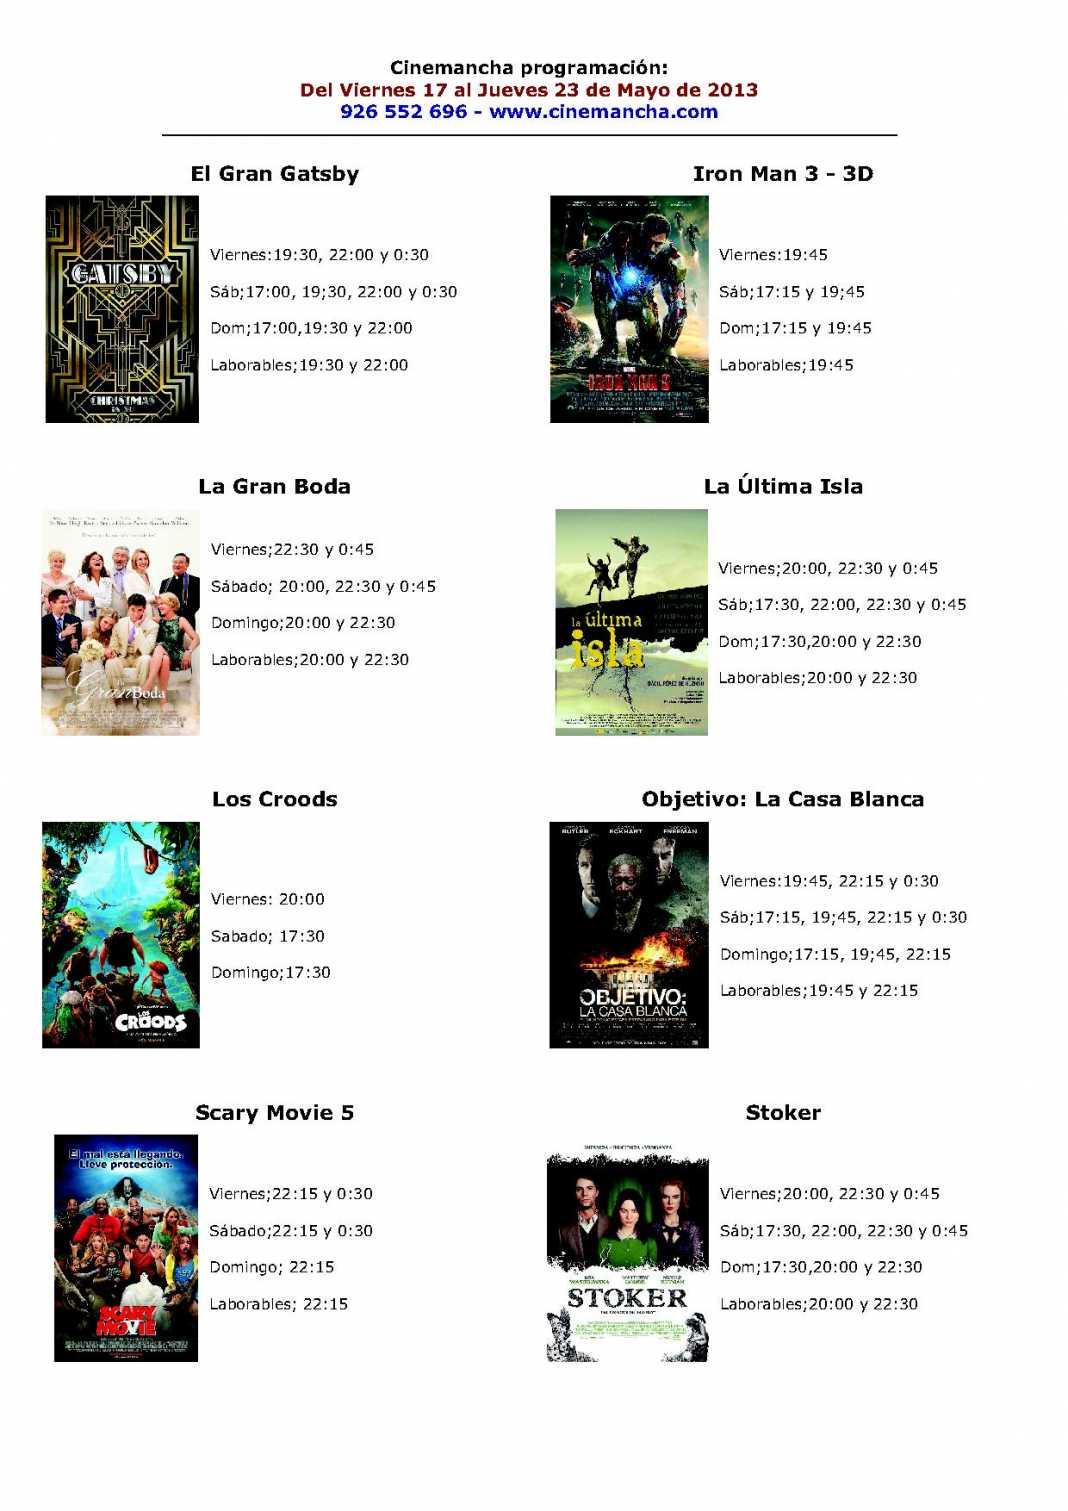 cartelera de cinemancha del 17 al 23 de mayo 1068x1511 - Cinemancha Programación. Del viernes 17 al jueves 23 de mayo.